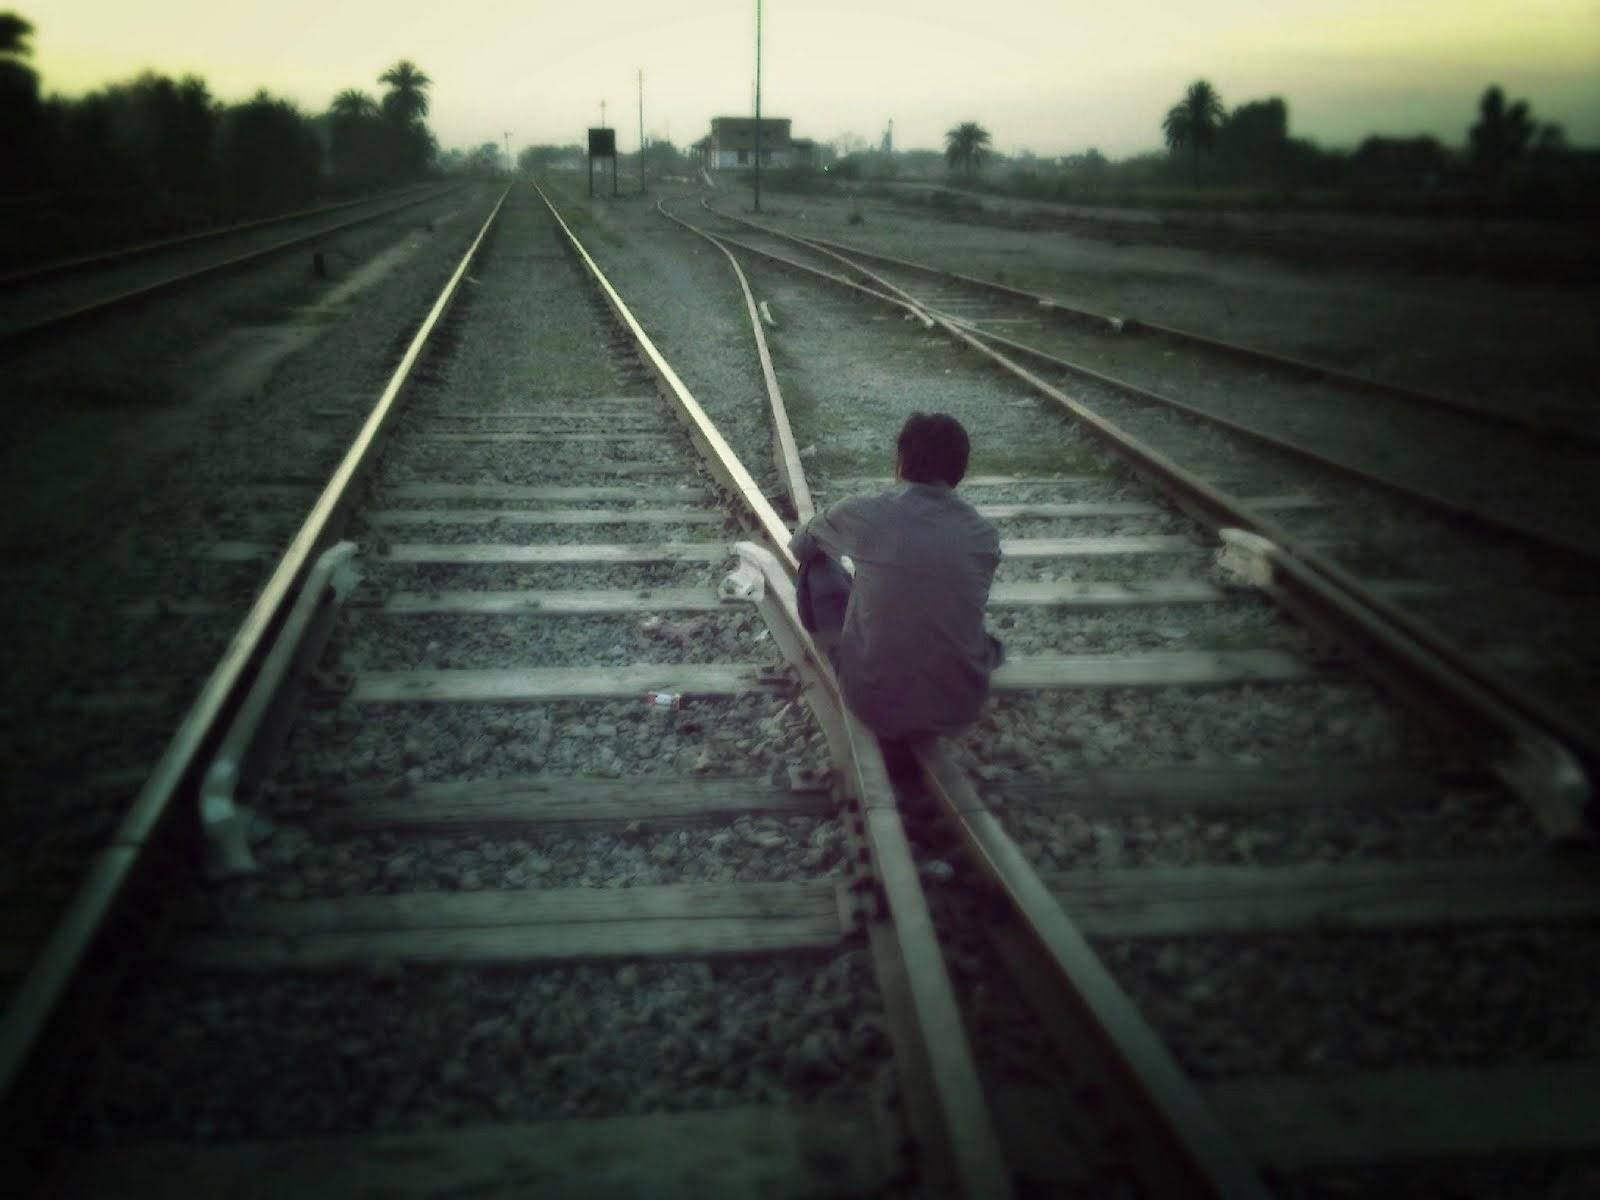 chico triste, sin camino